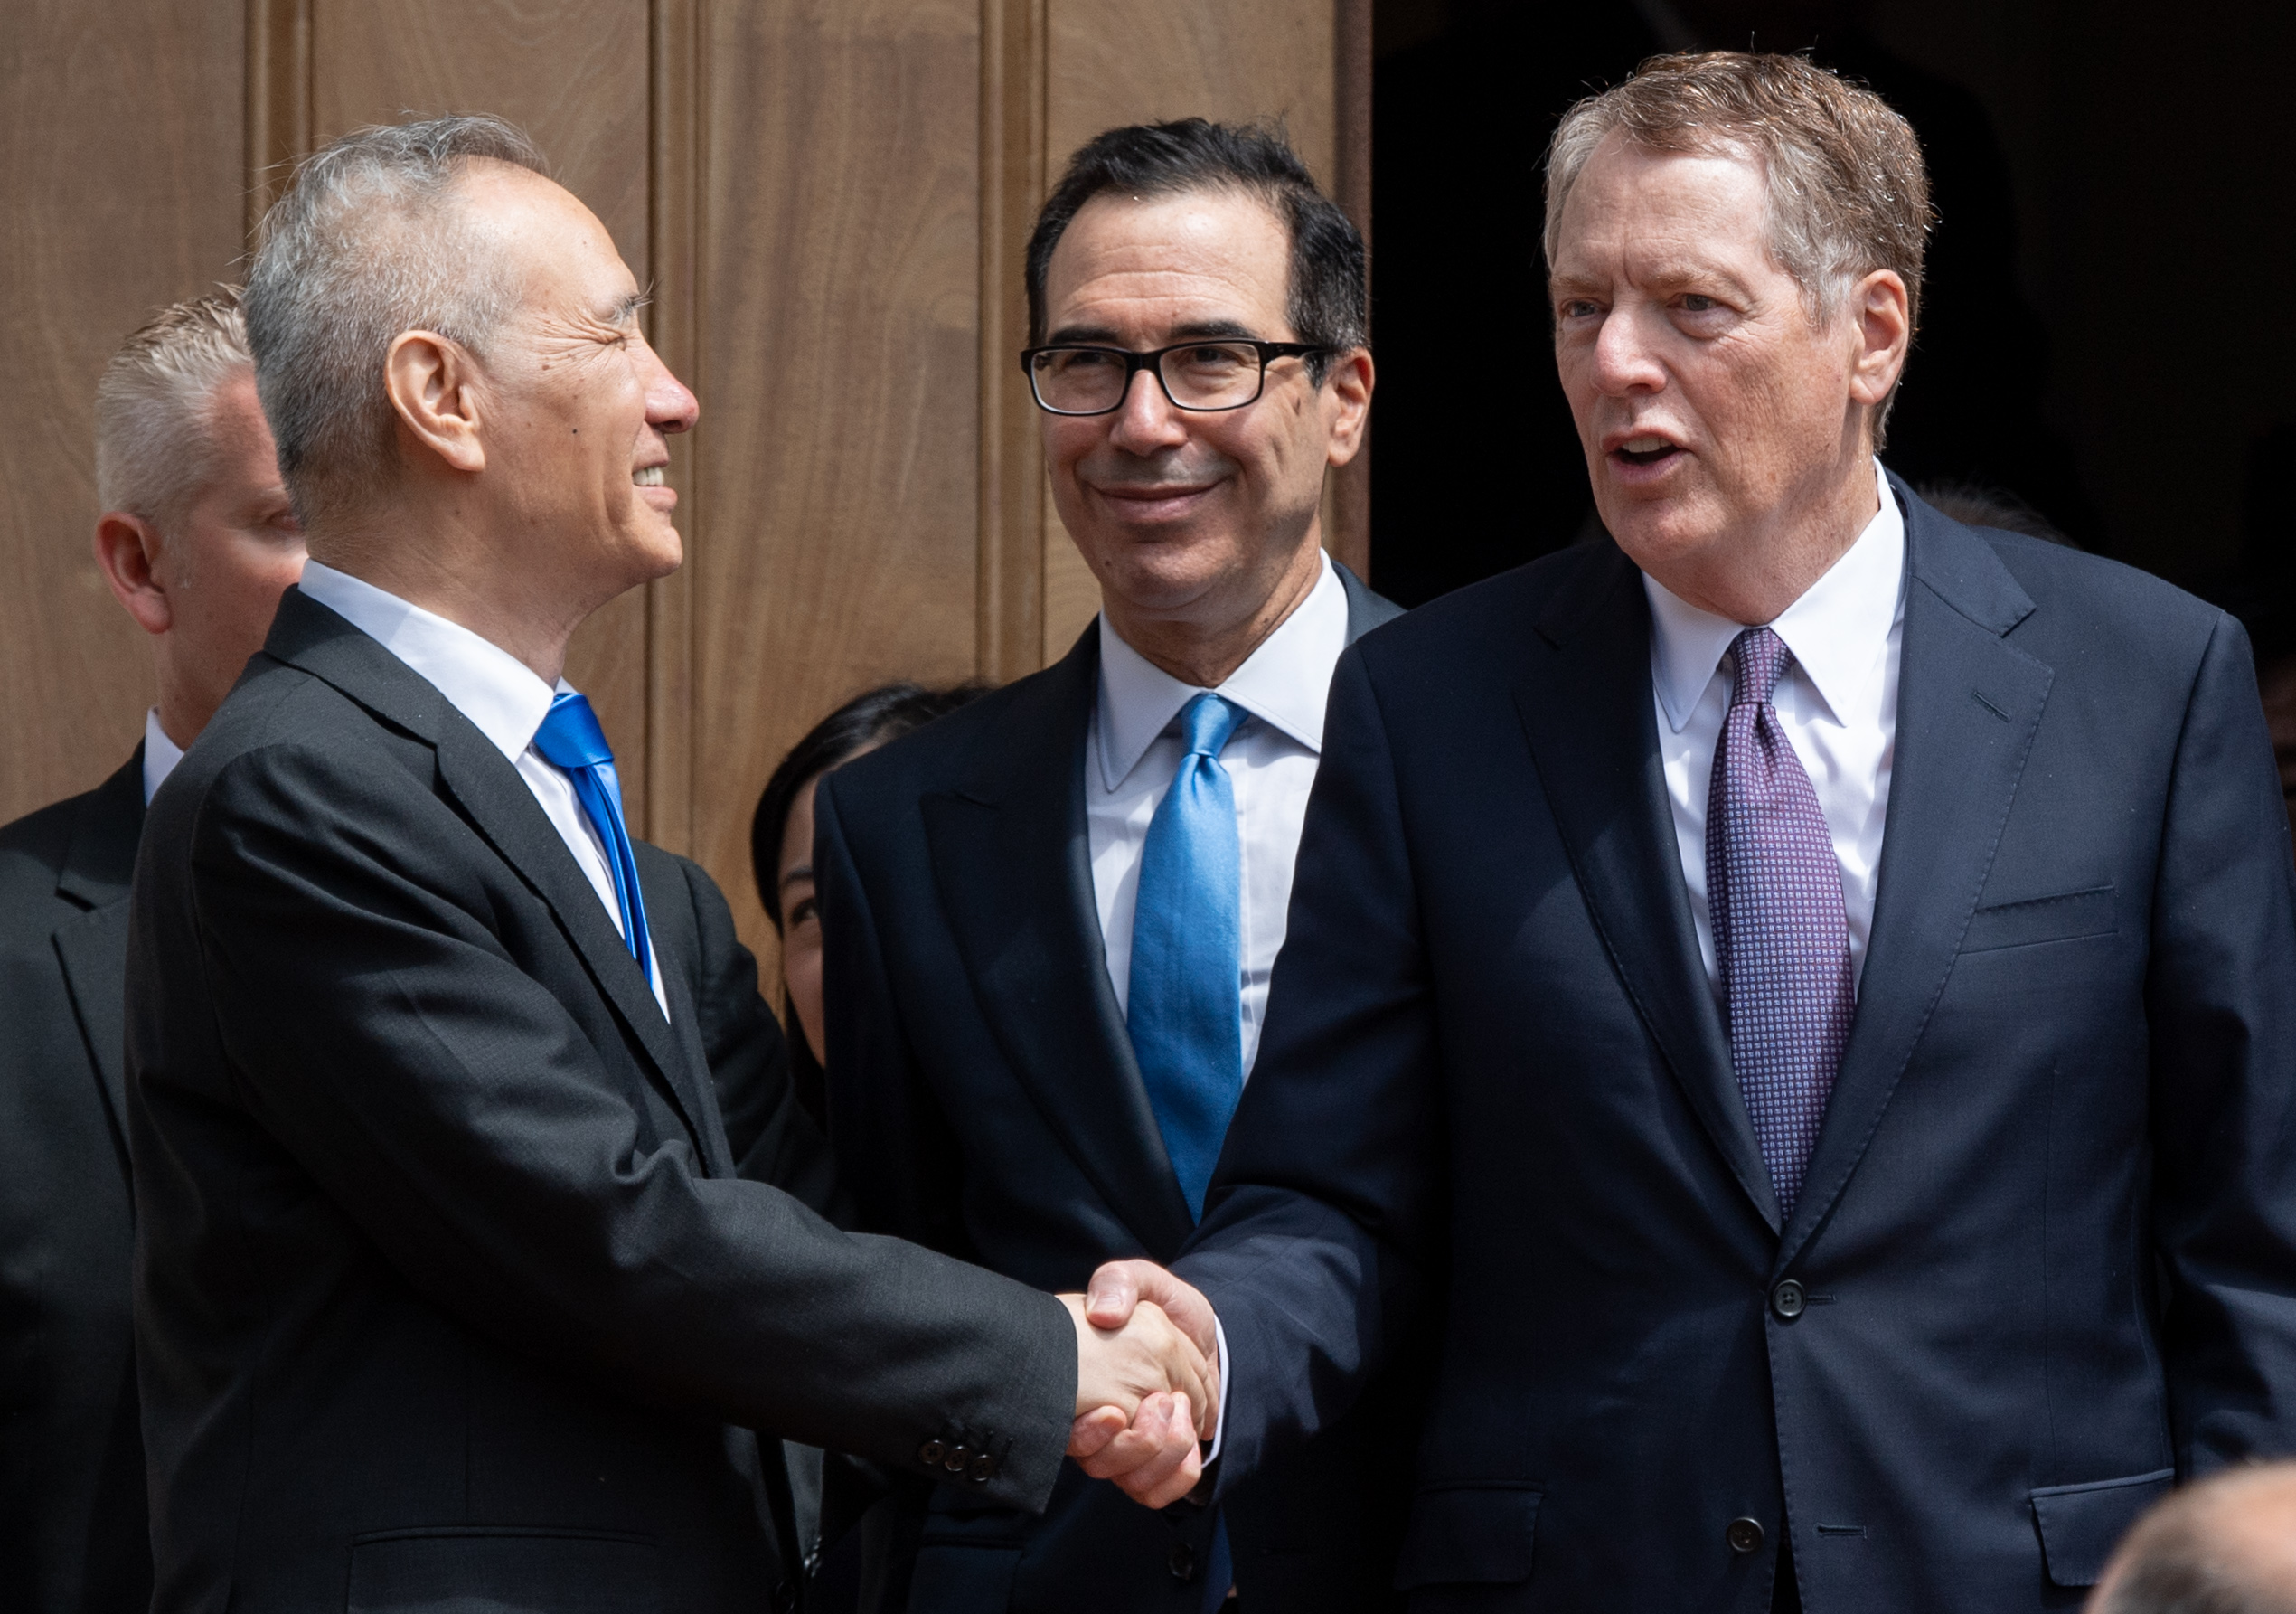 白宮首席經濟顧問庫德洛表示,仍然期待中方官員在參加完北戴河會議之後,來到華盛頓進行正面的協商。圖為今年5月初,劉鶴率團來美國首都參加貿易談判。 (SAUL LOEB/AFP)